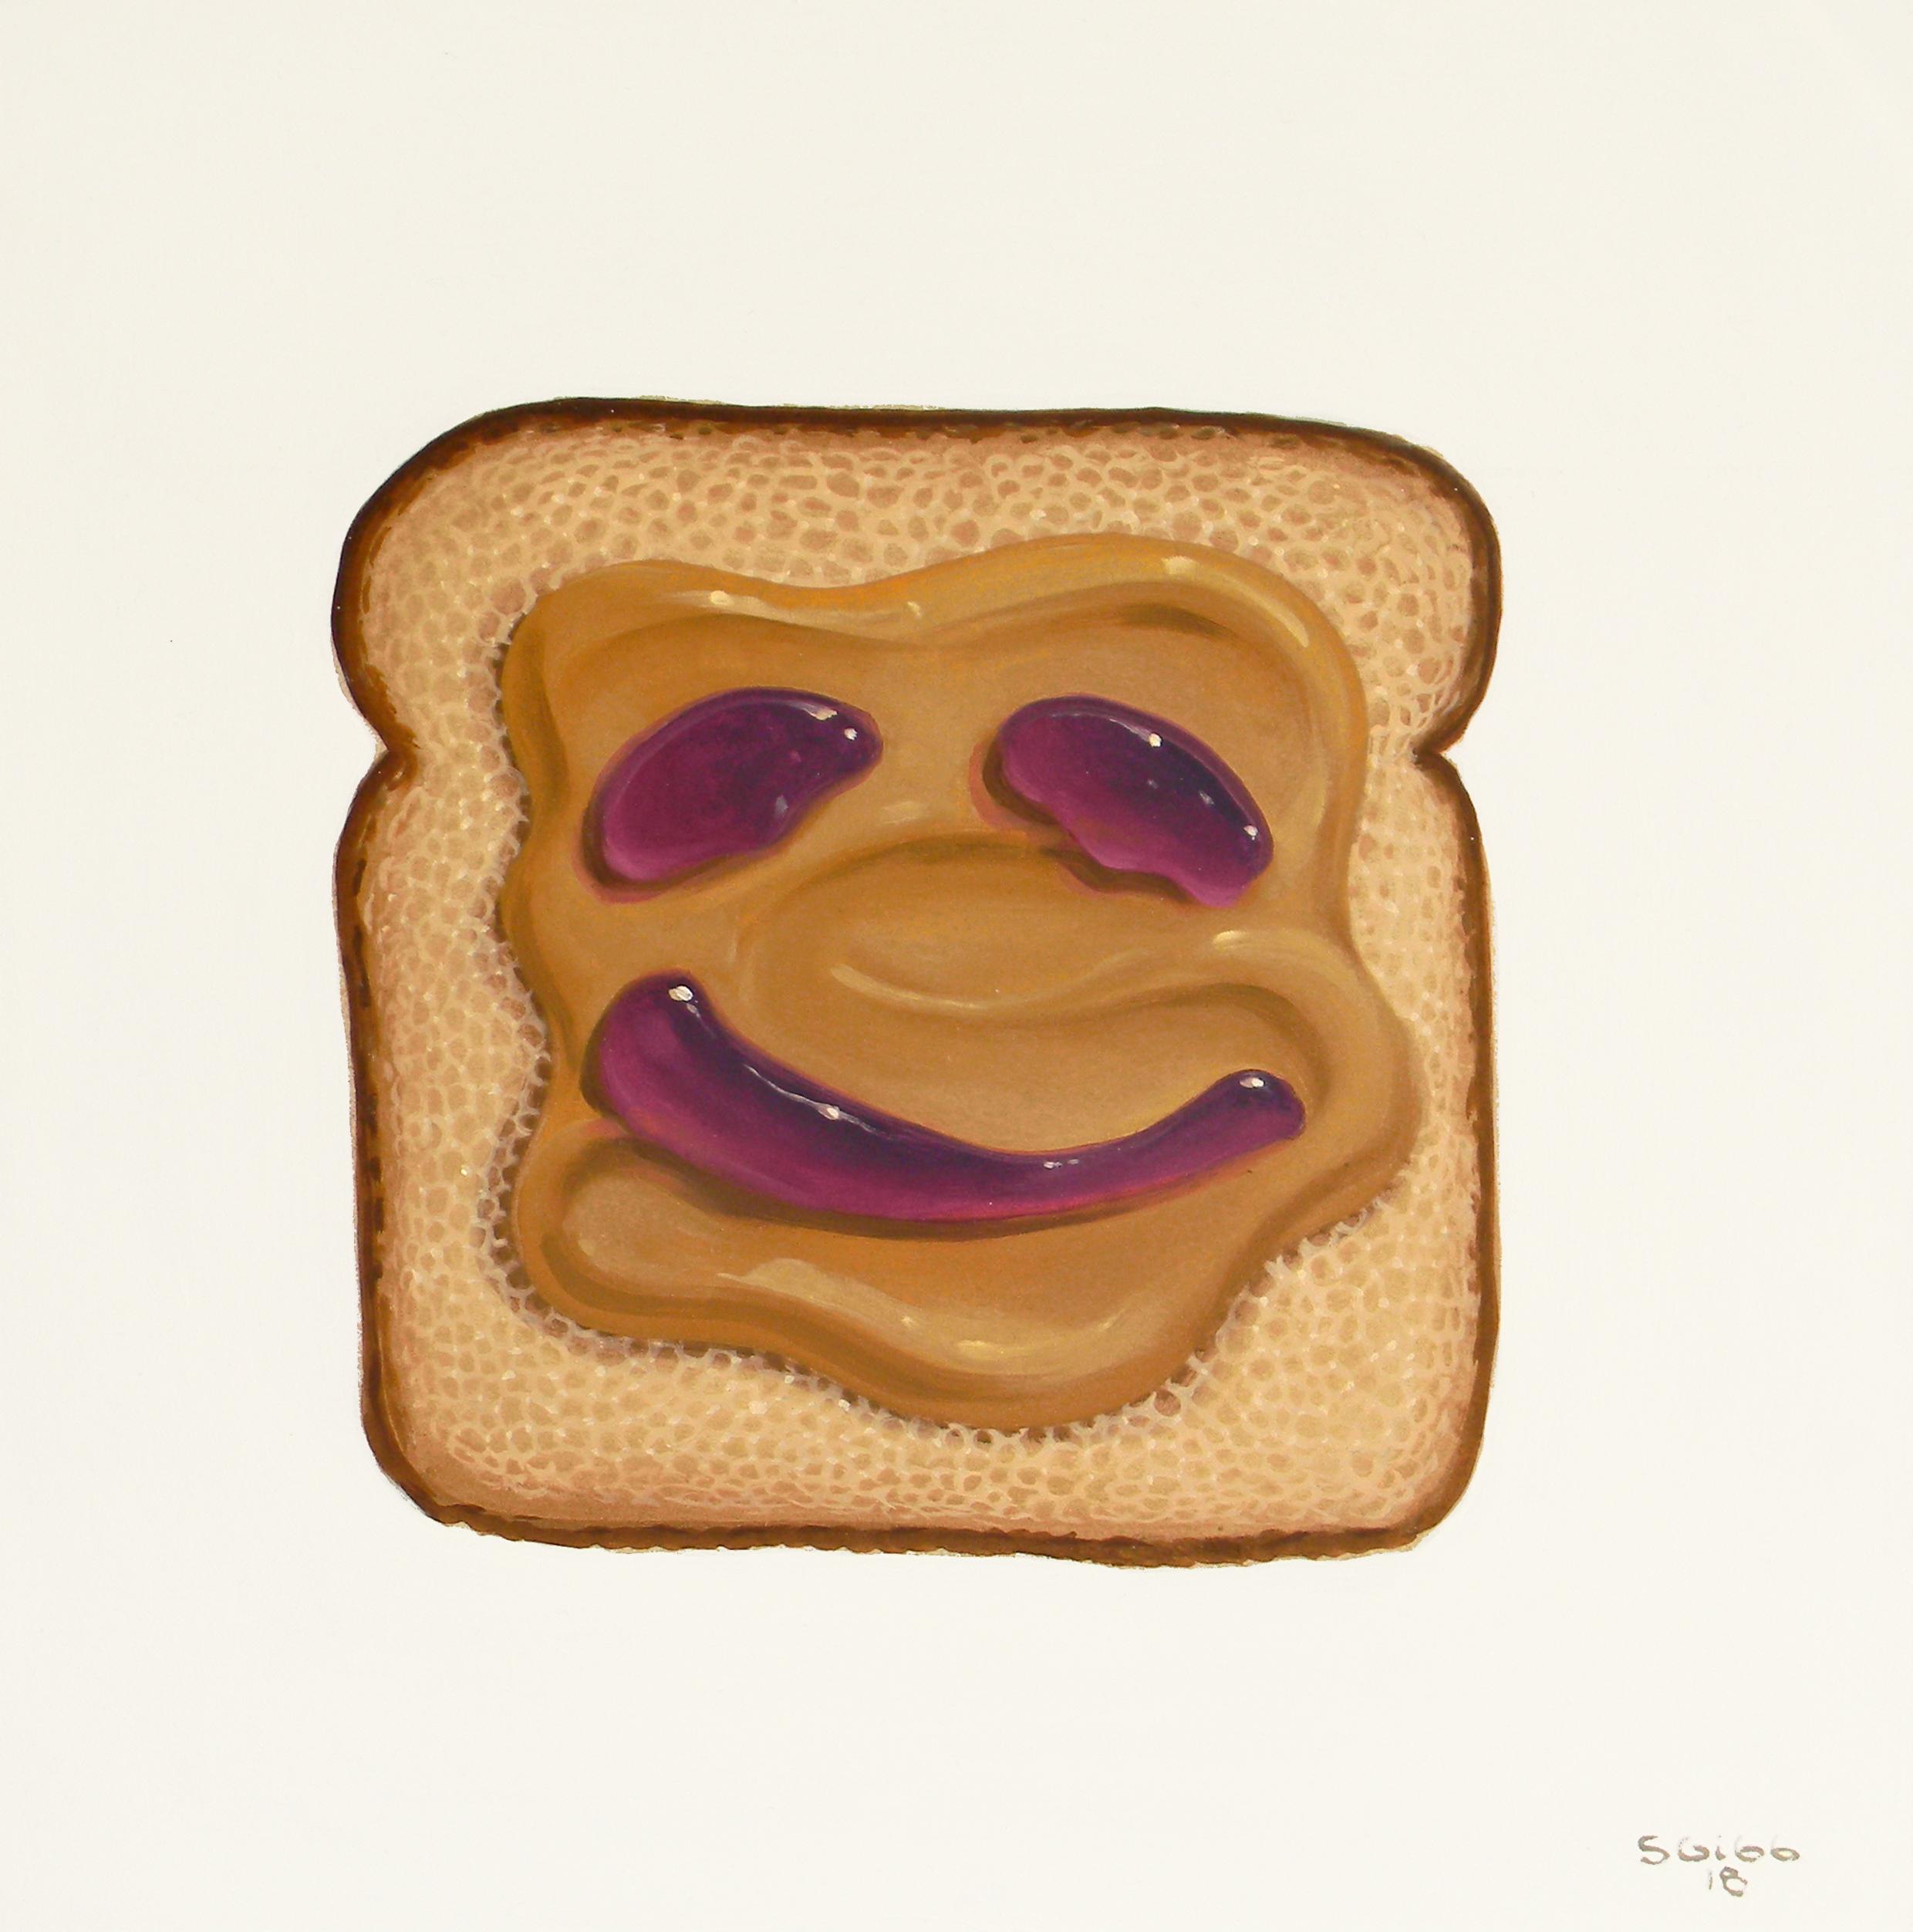 Bread #15